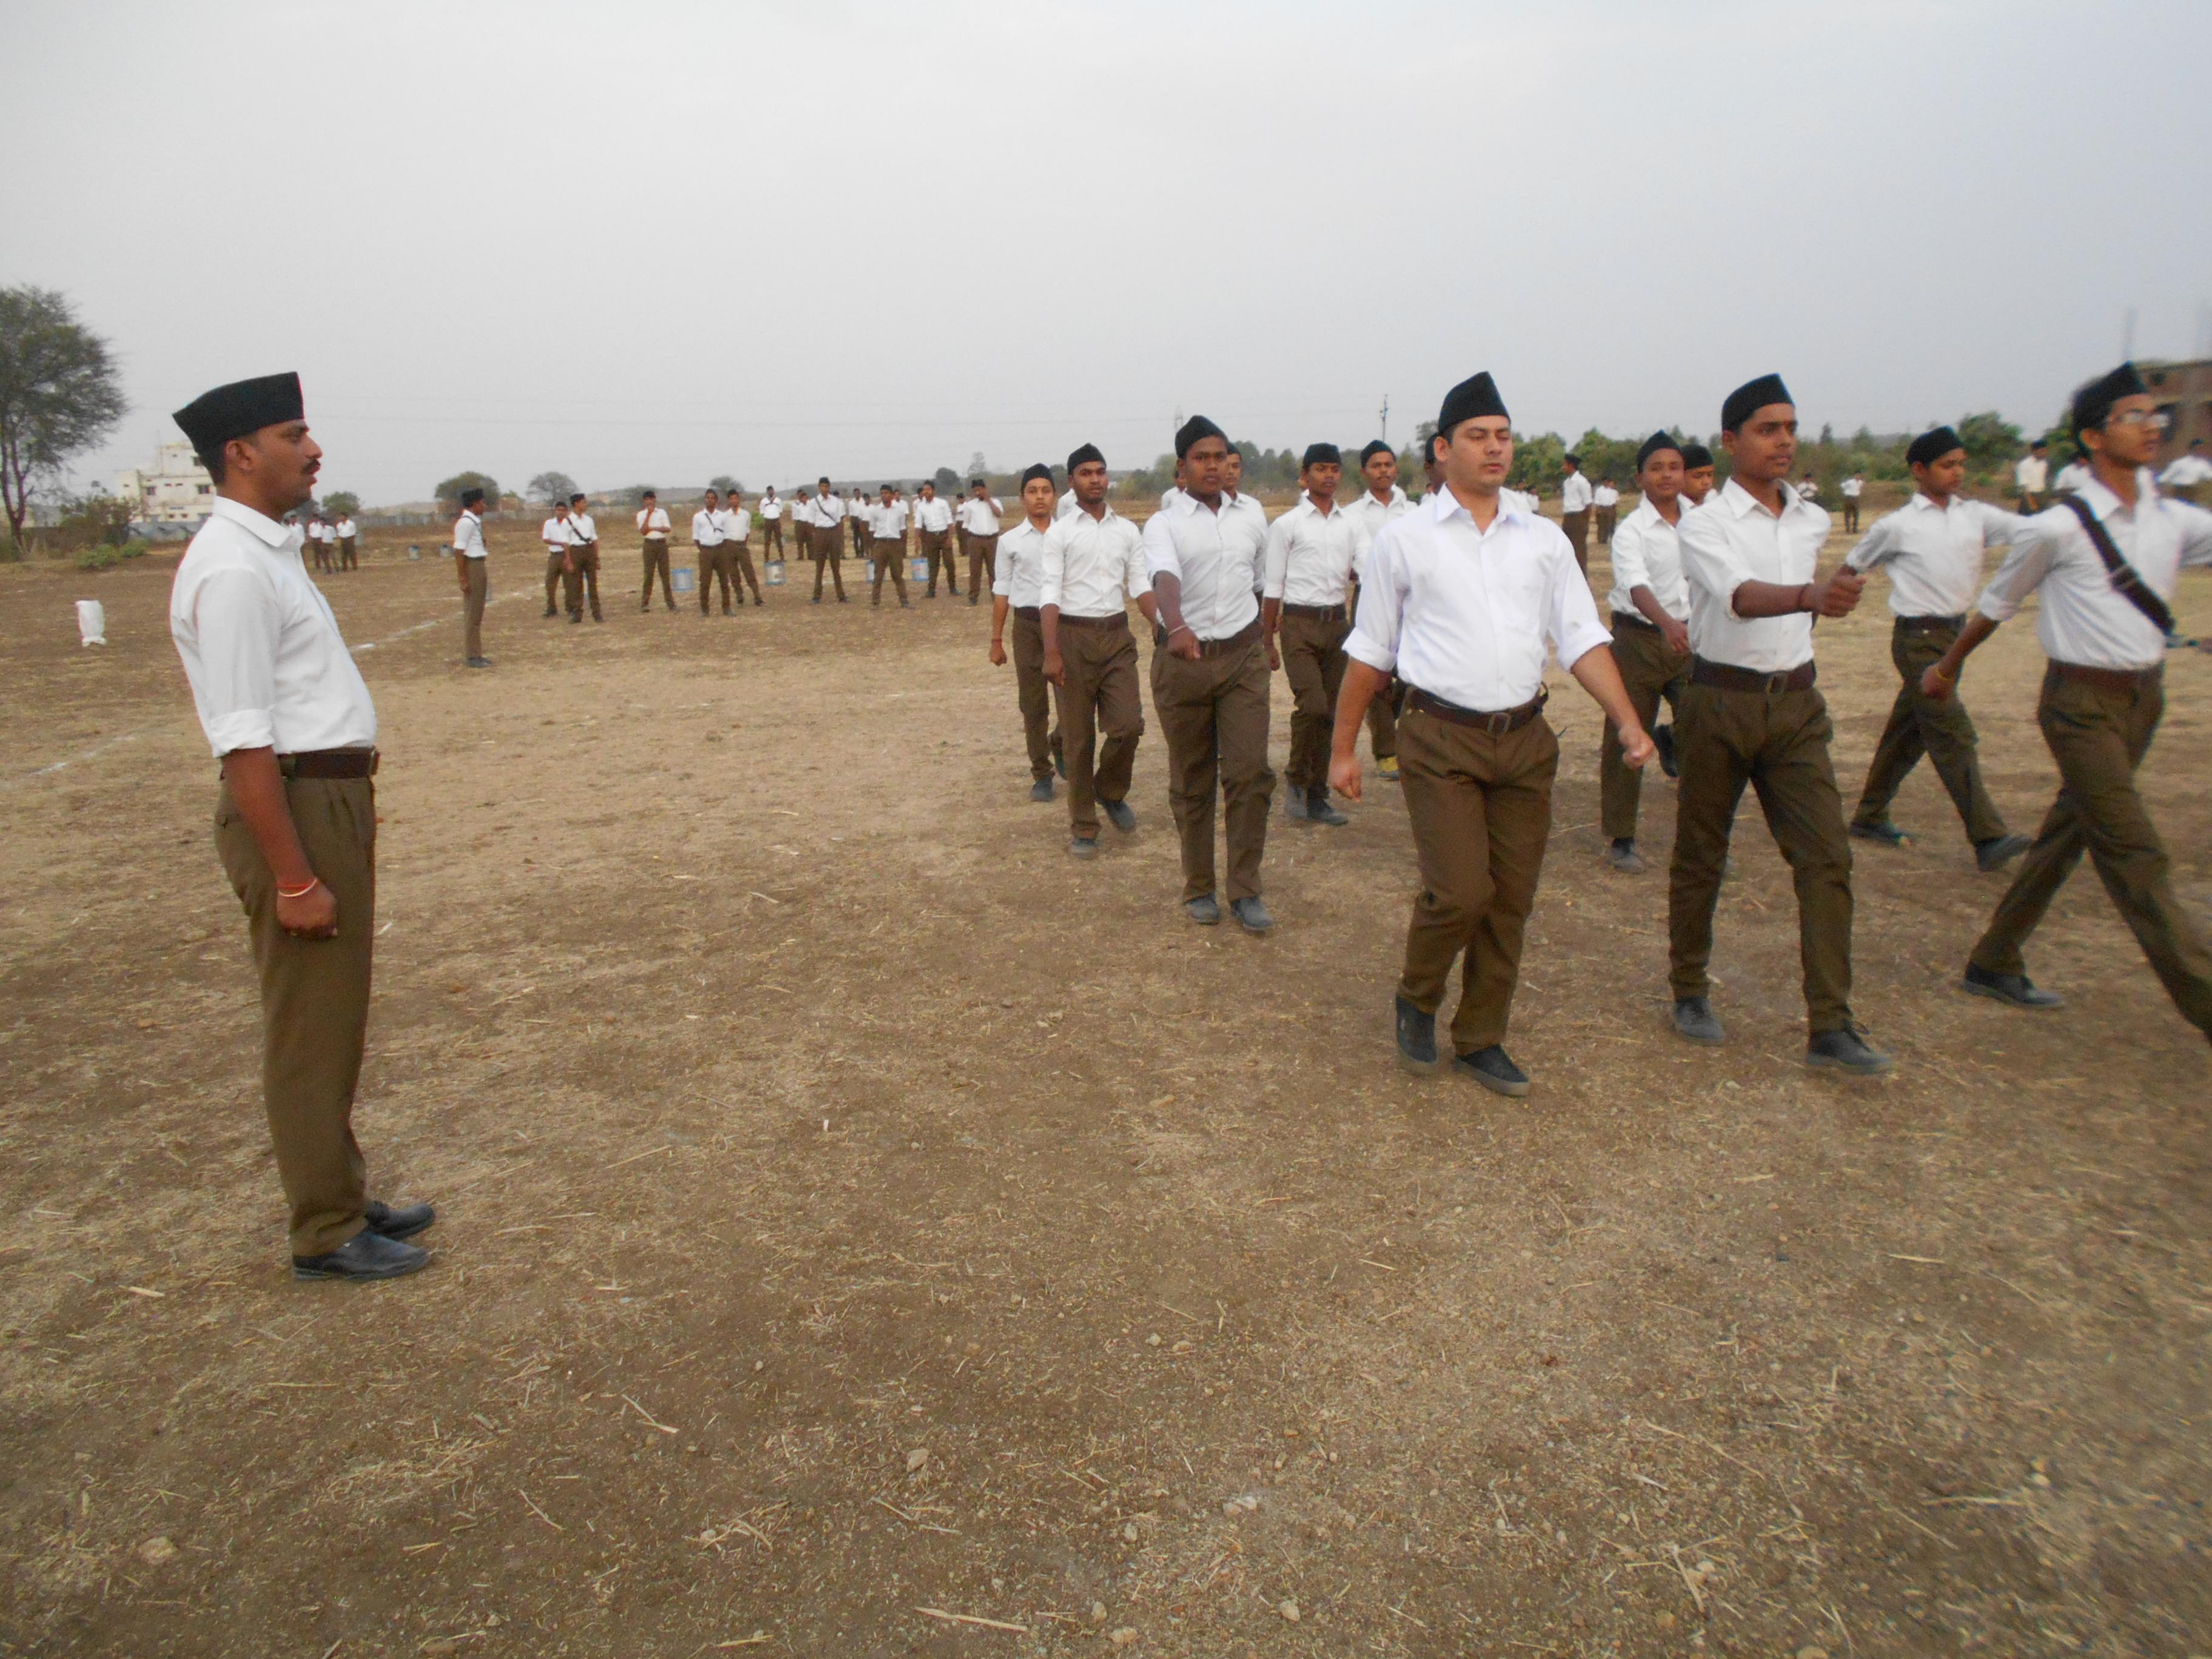 ३४ जिलों से आए आरएसएस स्वयंसेवक...